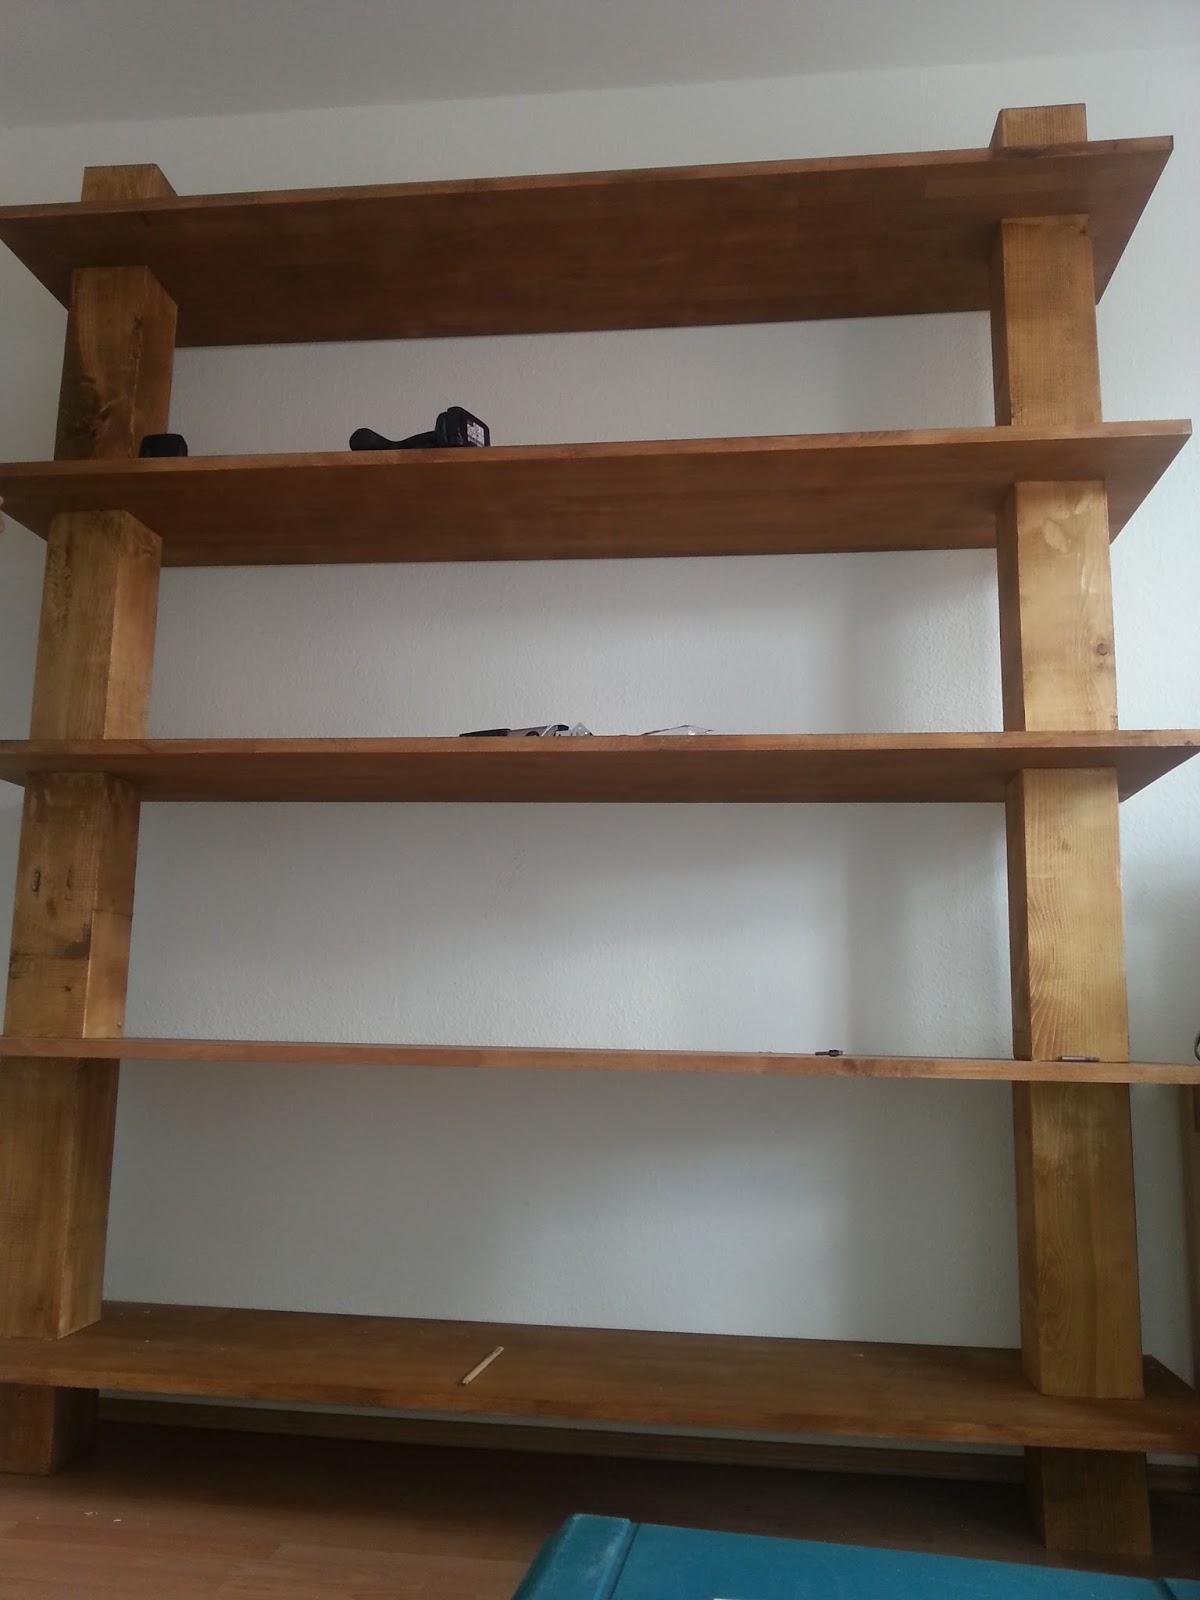 Como hacer tu mismo una estantería de madera maciza ~ CARPINTERÍA Y  #1C5A6F 1200x1600